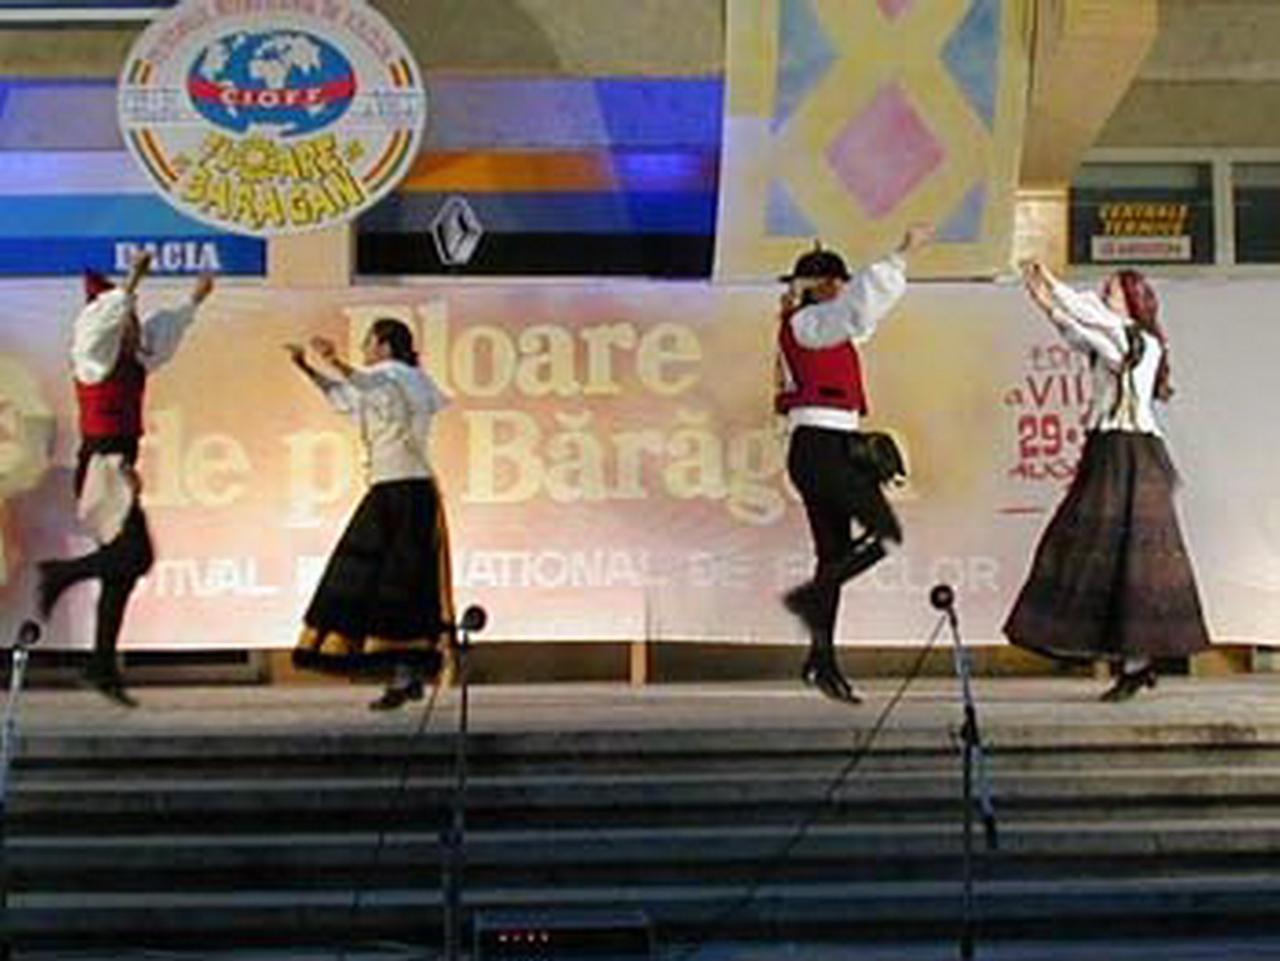 2001 - Ansamblul folcloric \'\'Banda de Gaitas Nova Fronteira & Cartelle\'\' - Spania